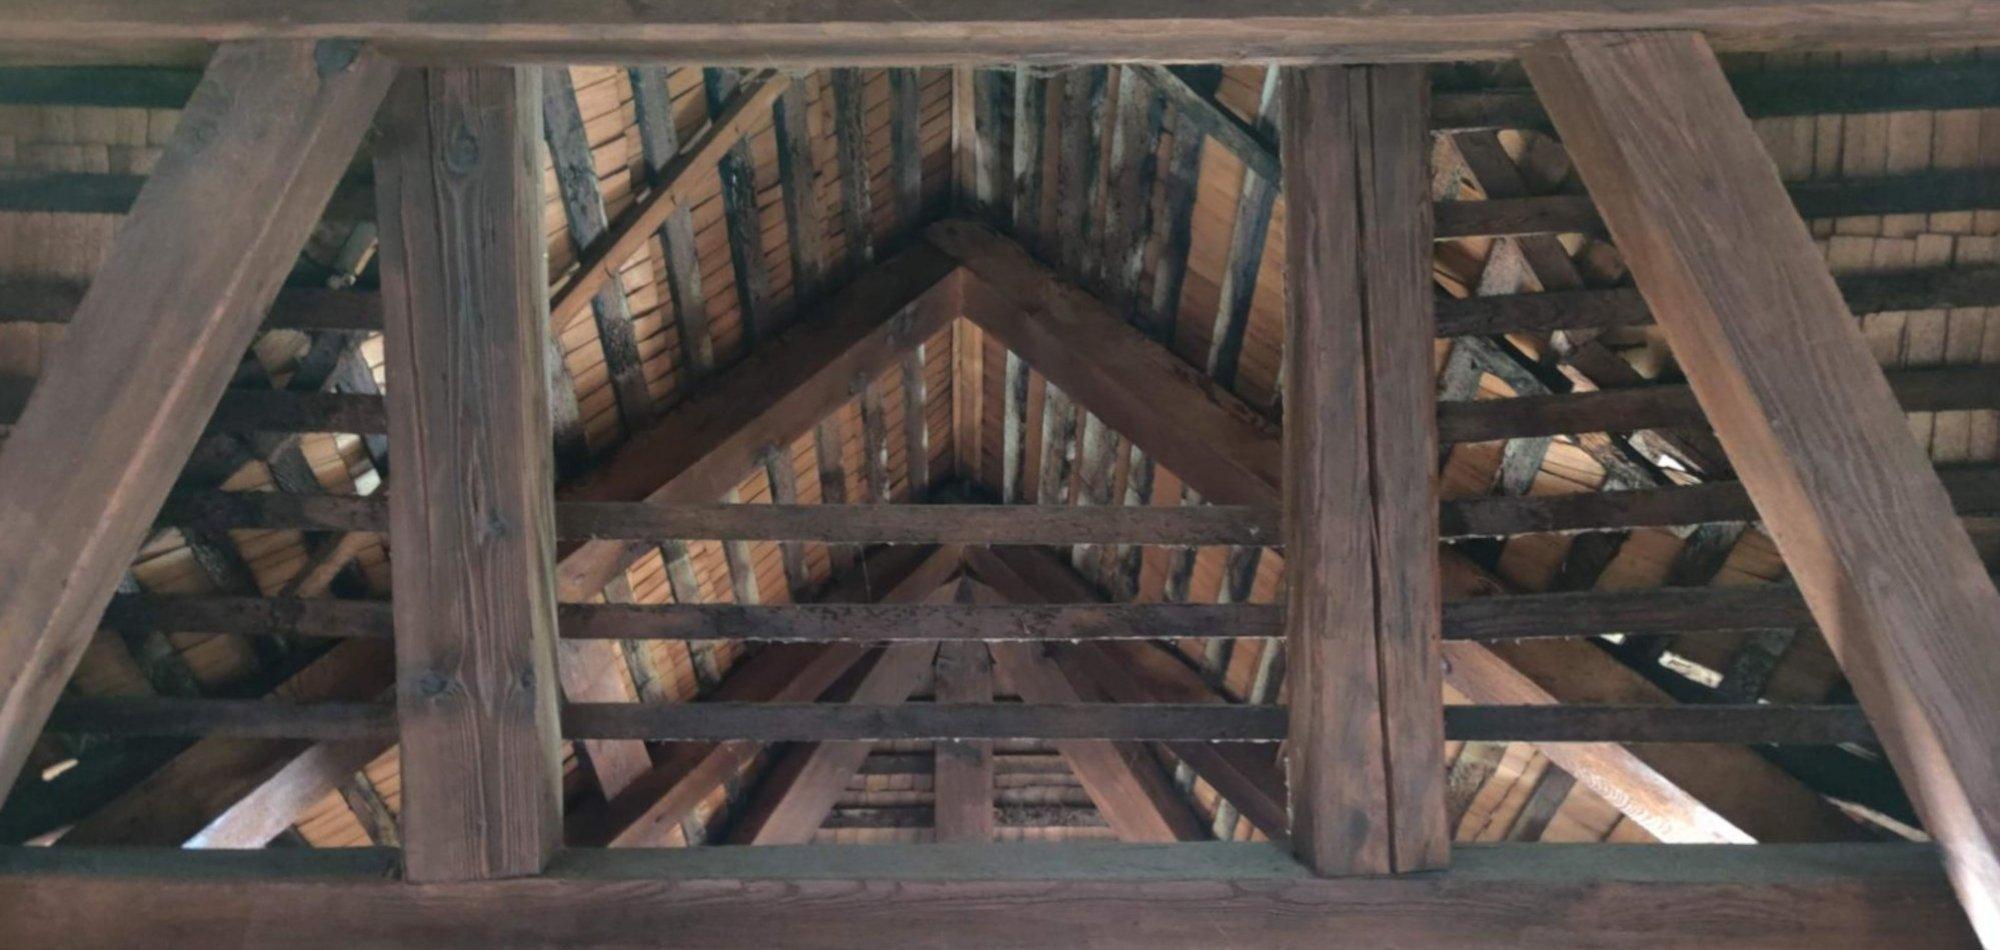 der bestehende Dachstuhl des Gebäudes soll erhalten bleiben